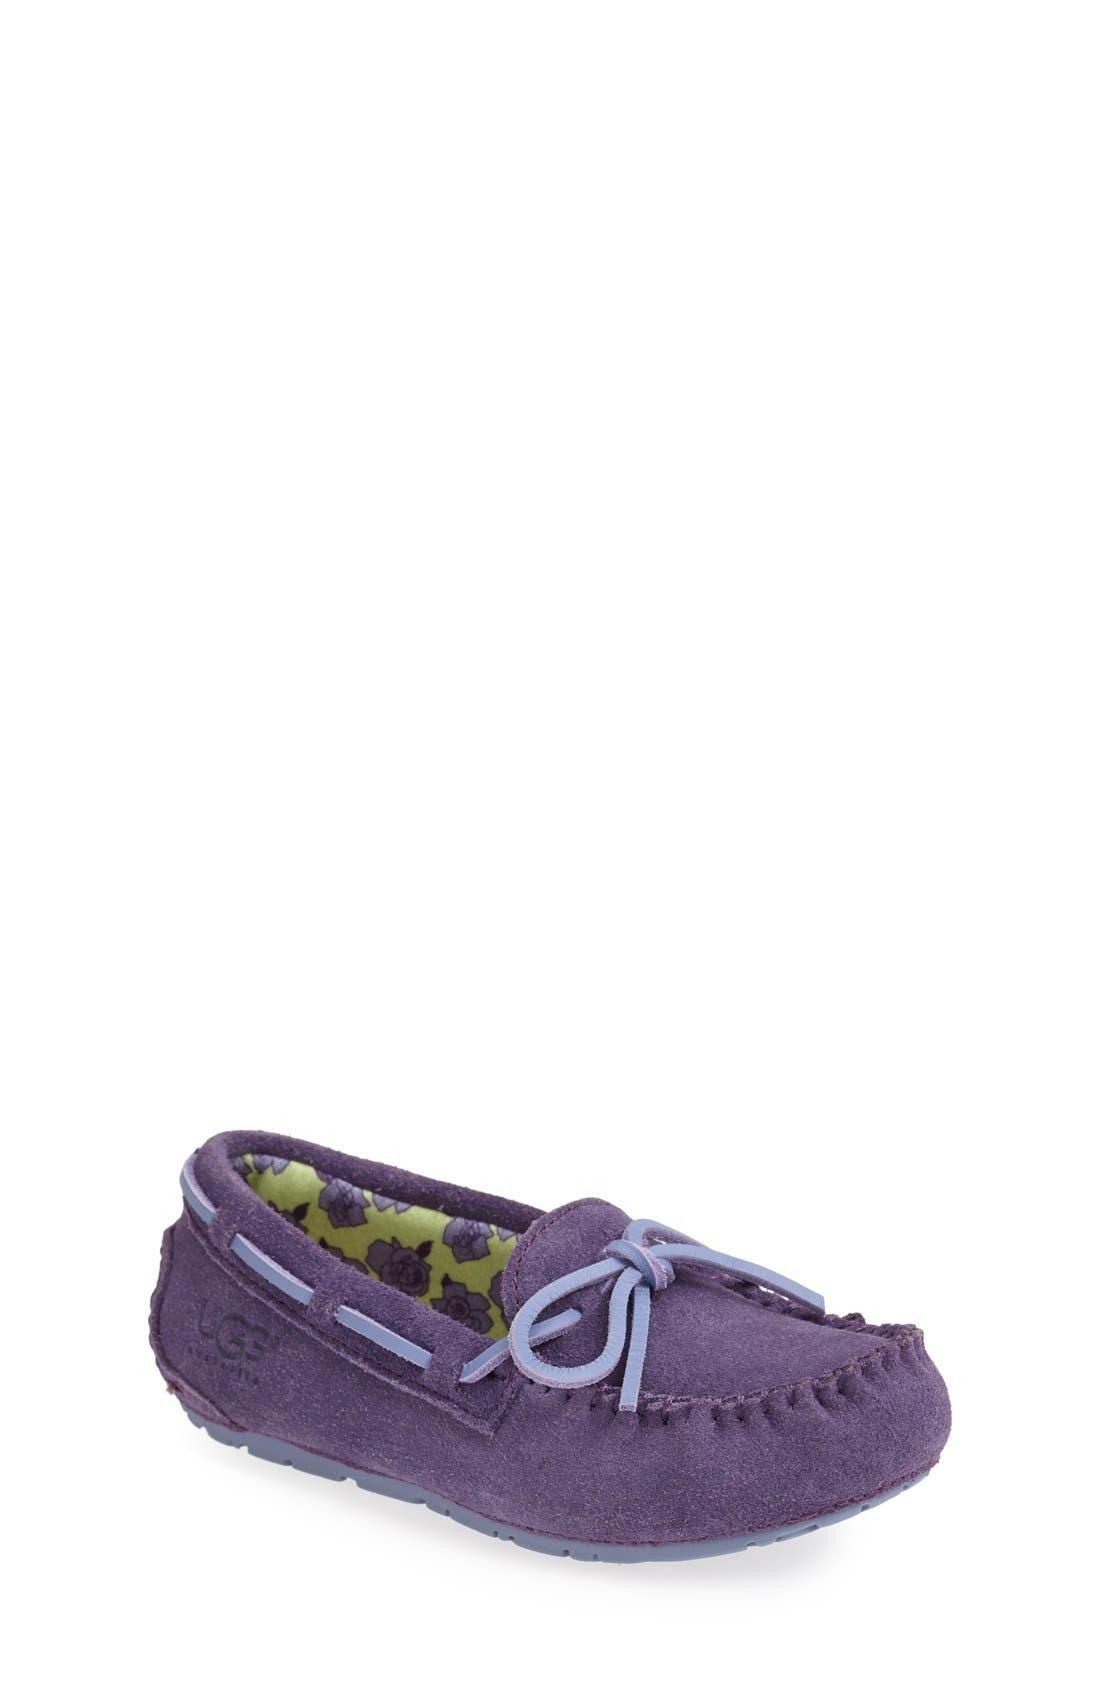 Alternate Image 1 Selected - UGG® 'Ryder Rose' Slipper (Toddler, Little Kid & Big Kid)